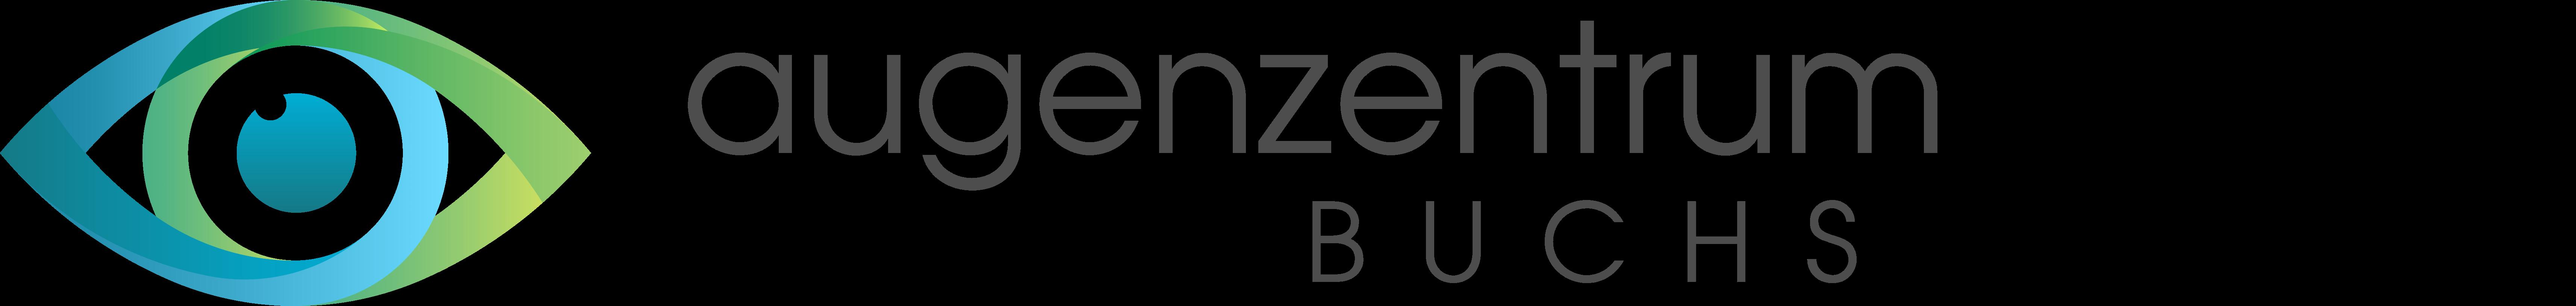 Augenzentrum Buchs AG